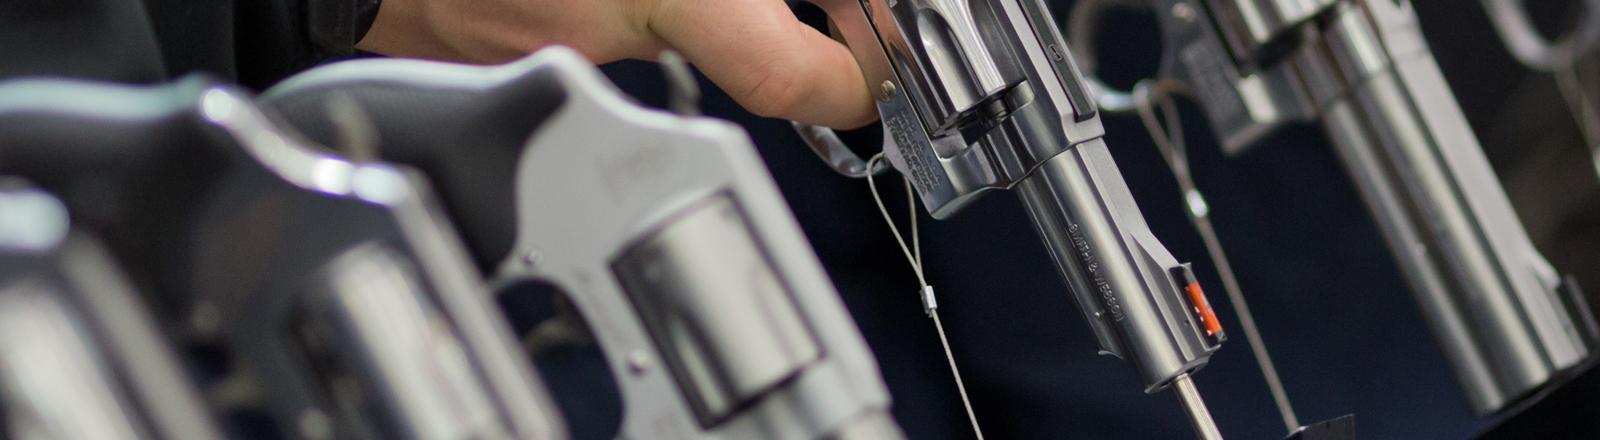 Handfeuerwaffen des US-amerikanischen Herstellers Smith & Wesson (S&W), aufgenommen am 05.03.2016 auf der Jagd- und Sportwaffenmesse IWA OutdoorClassics in Nürnberg (Bayern) am Stand des Unternehmens.